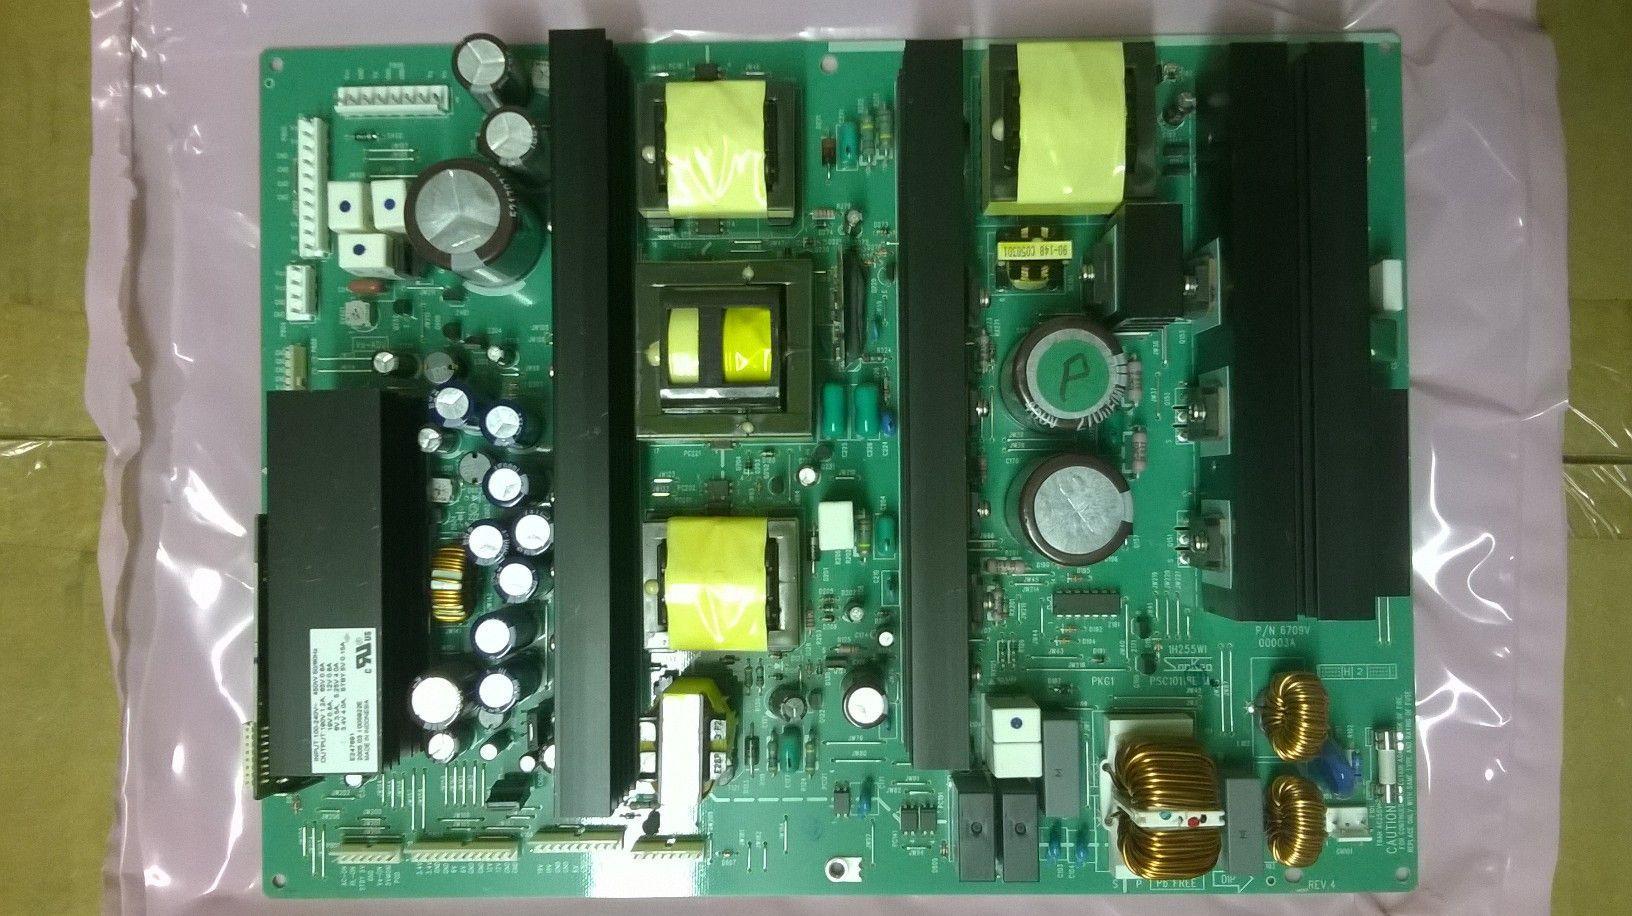 LG 6709V00003A (PSC10118G M, PSC10118F M) Power Supply Unit